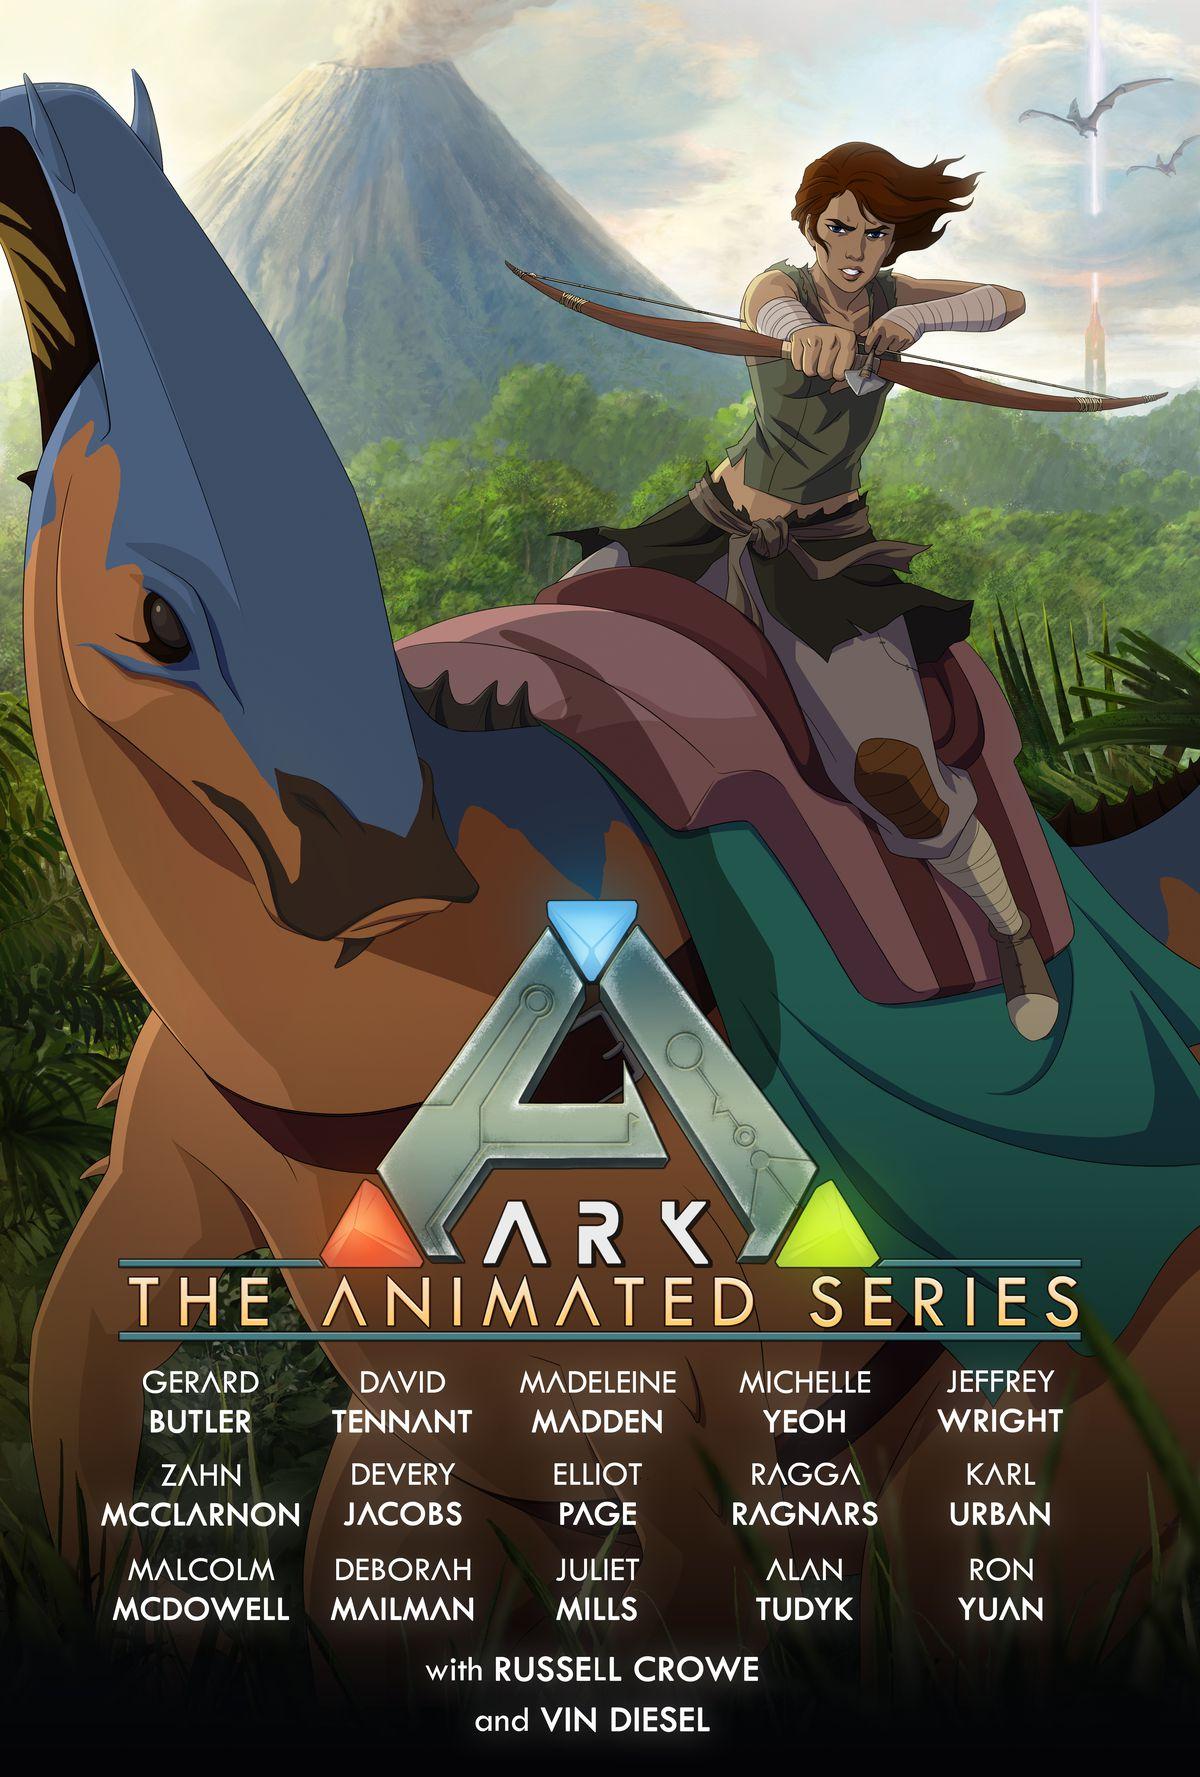 Ark 2 has Vin Diesel killing dinosaurs